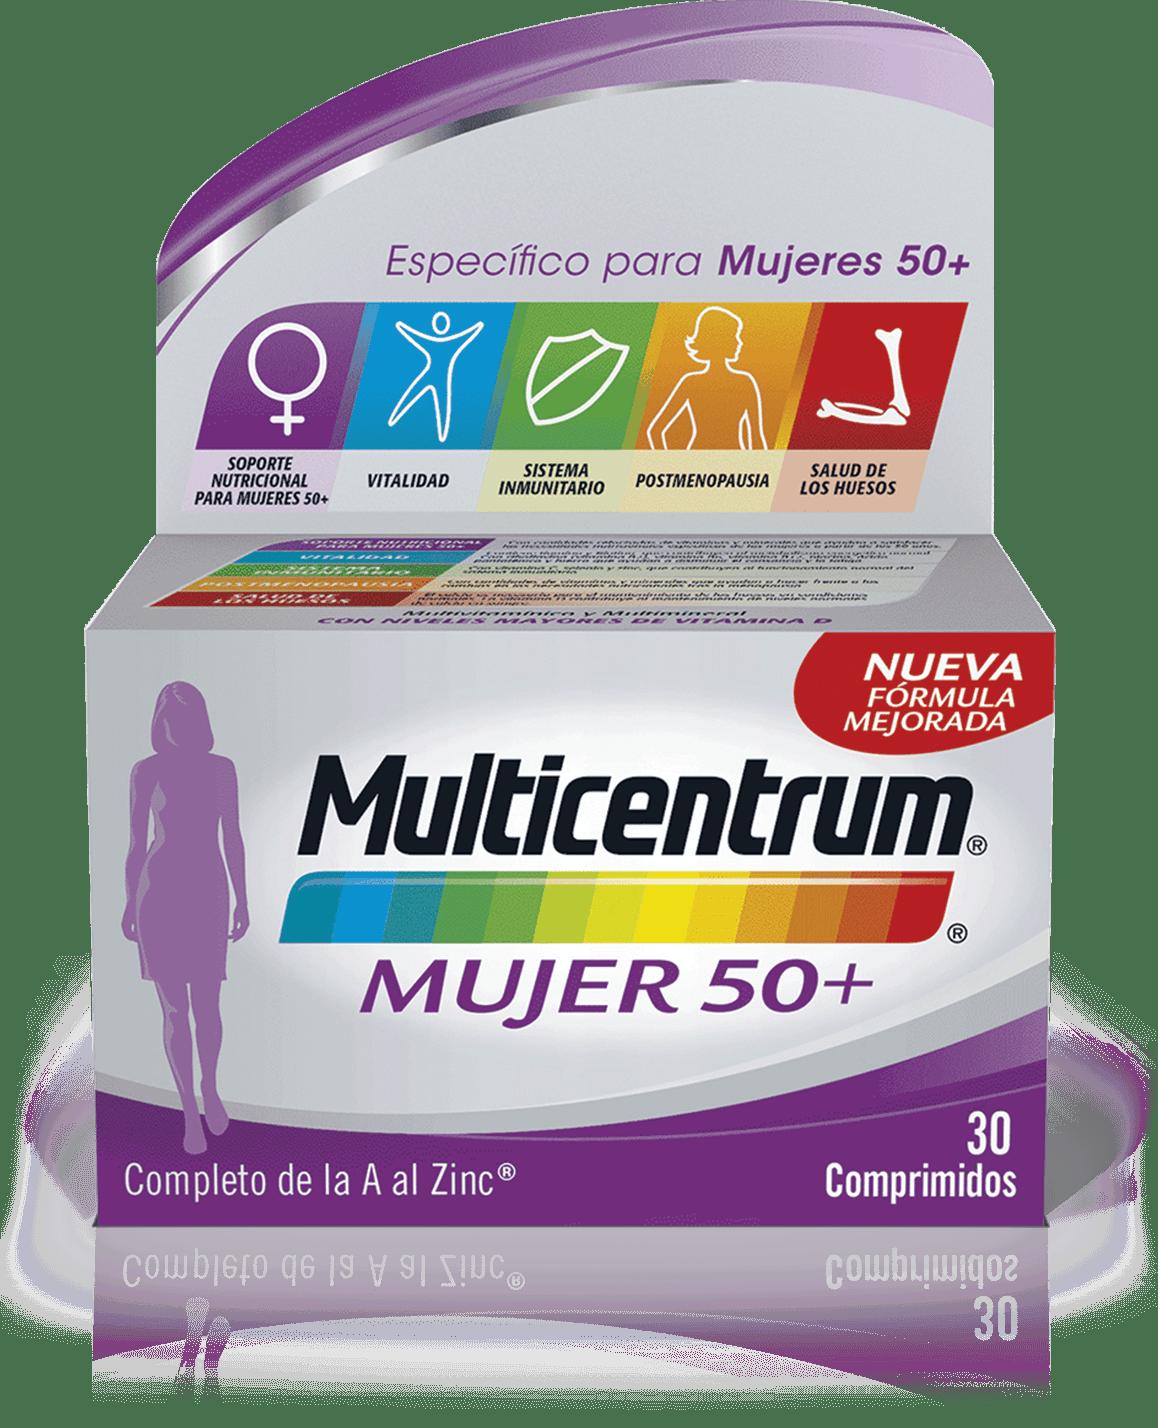 Imagen de producto de Multicentrum Mujer 50+